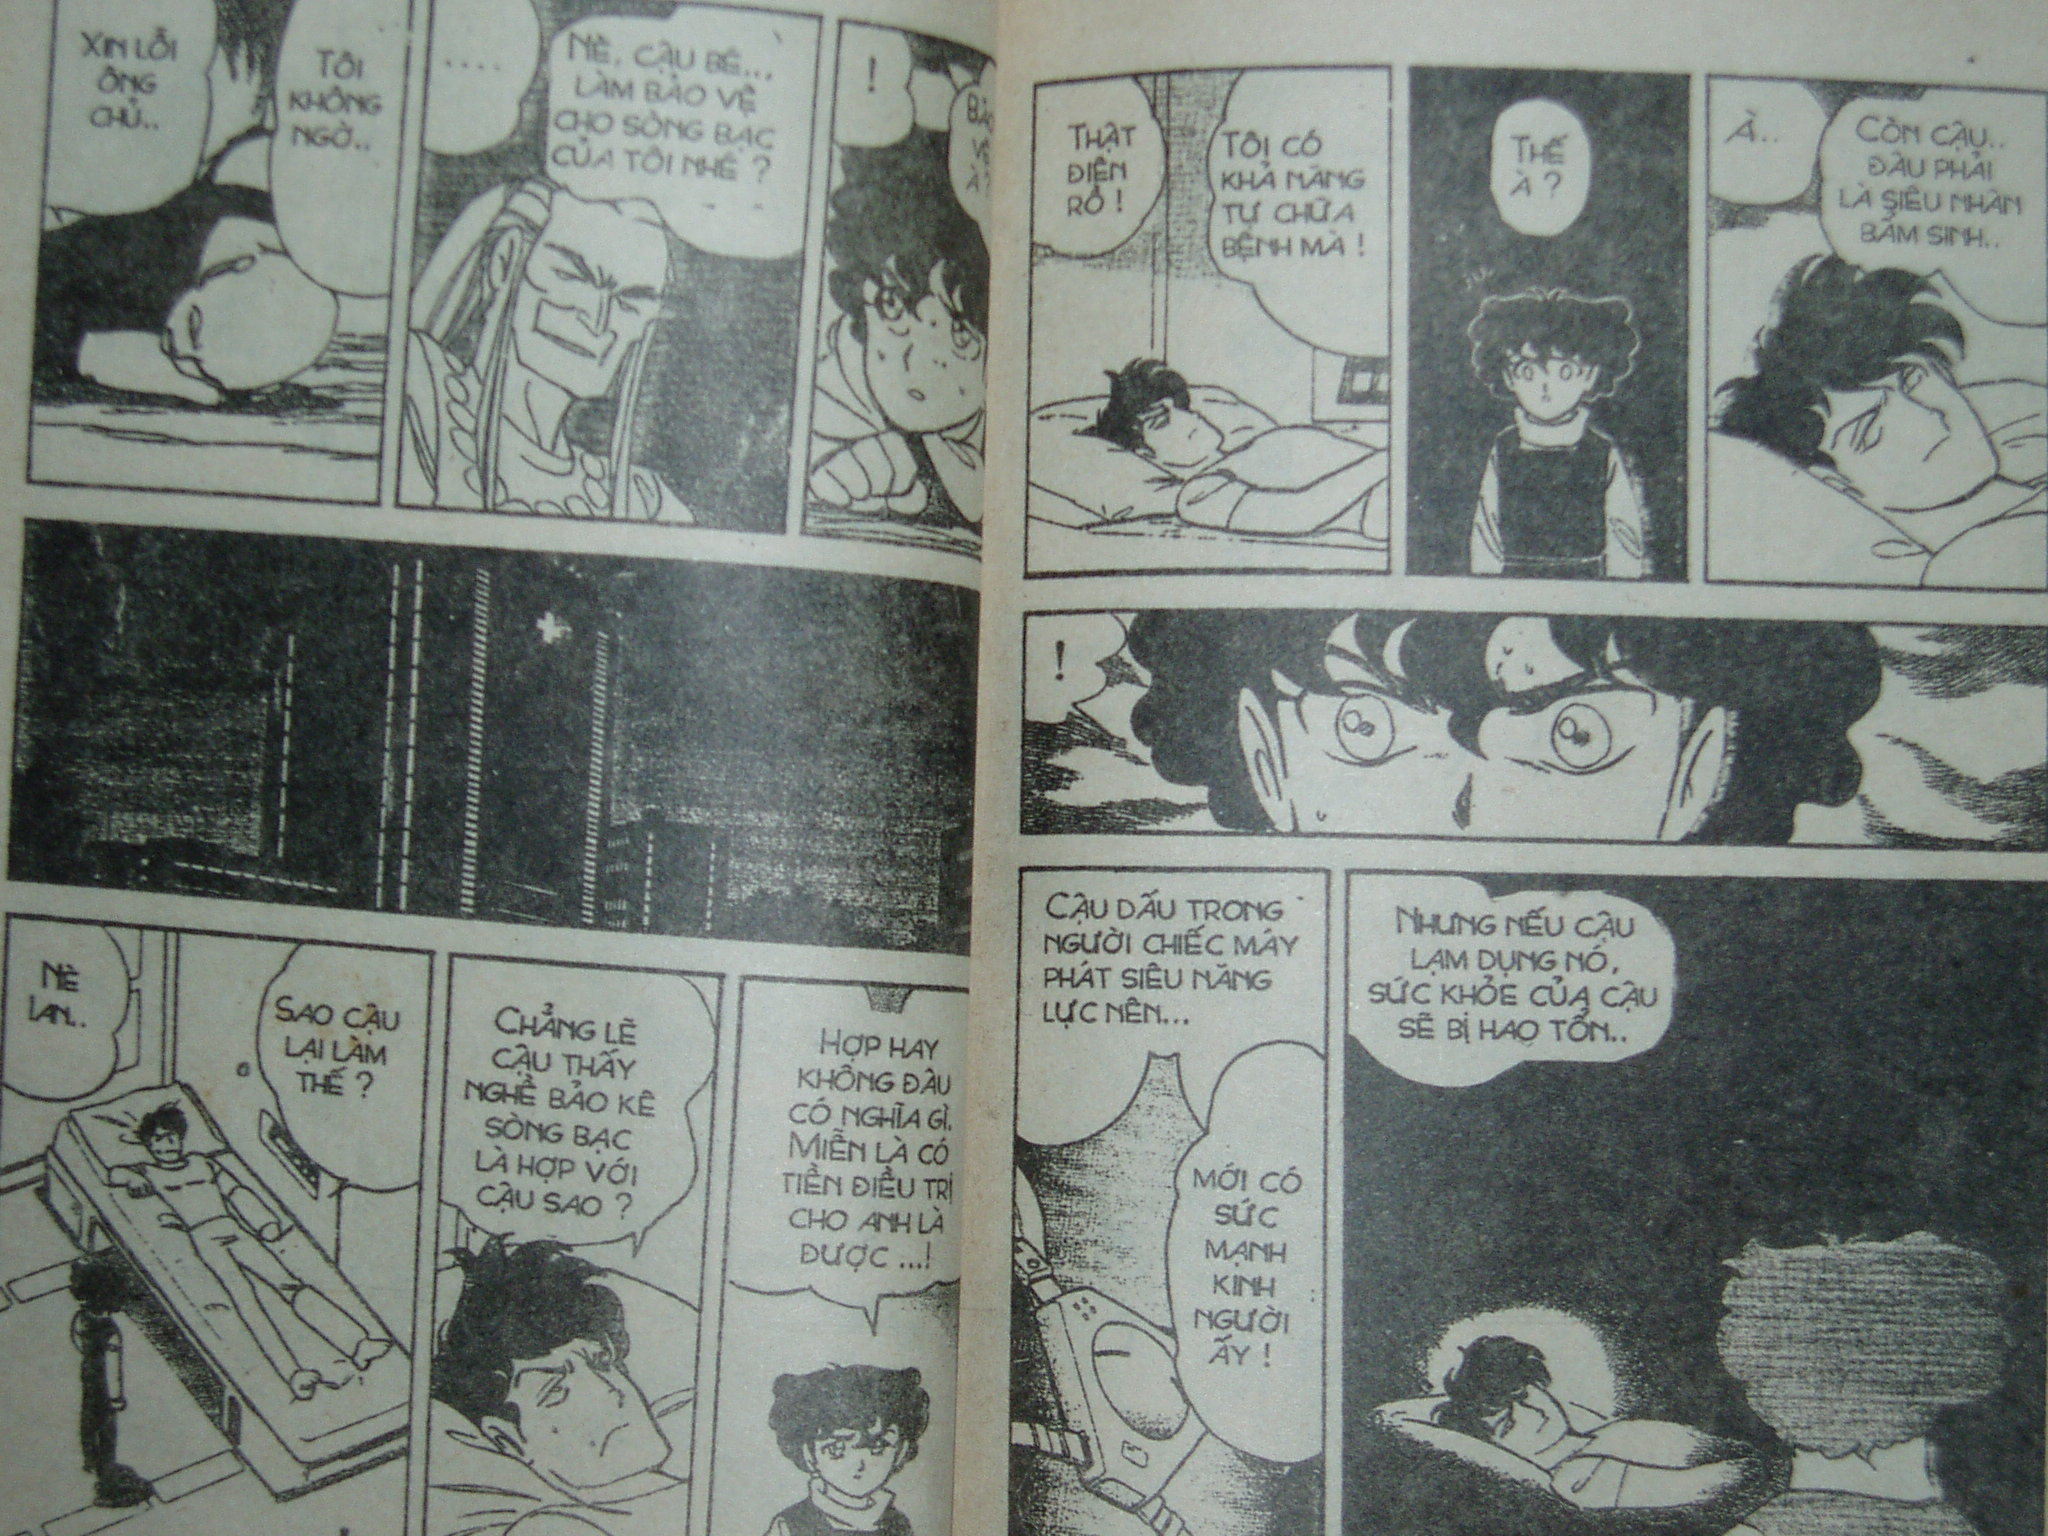 Siêu nhân Locke vol 14 trang 33